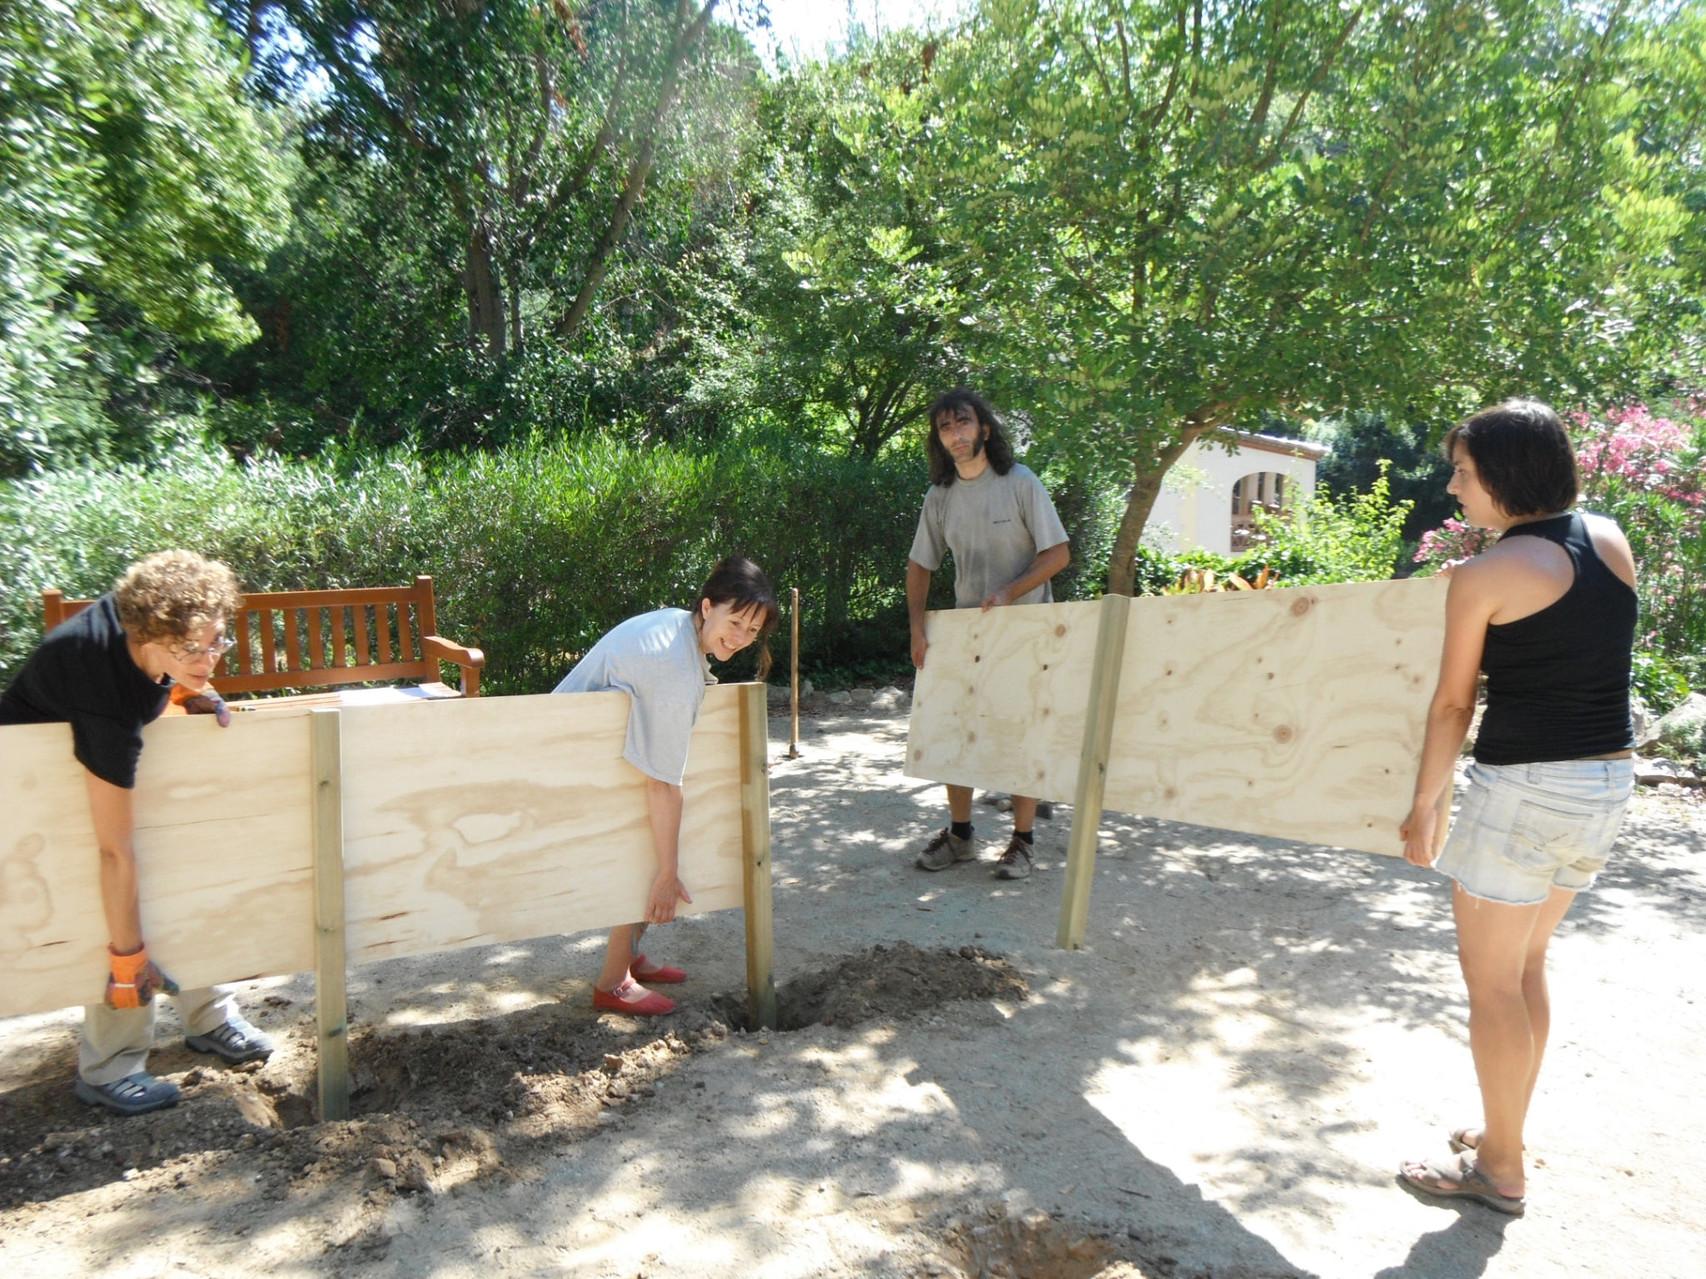 2n Camp de treball: Creació d'un Jardí sensorial experimental